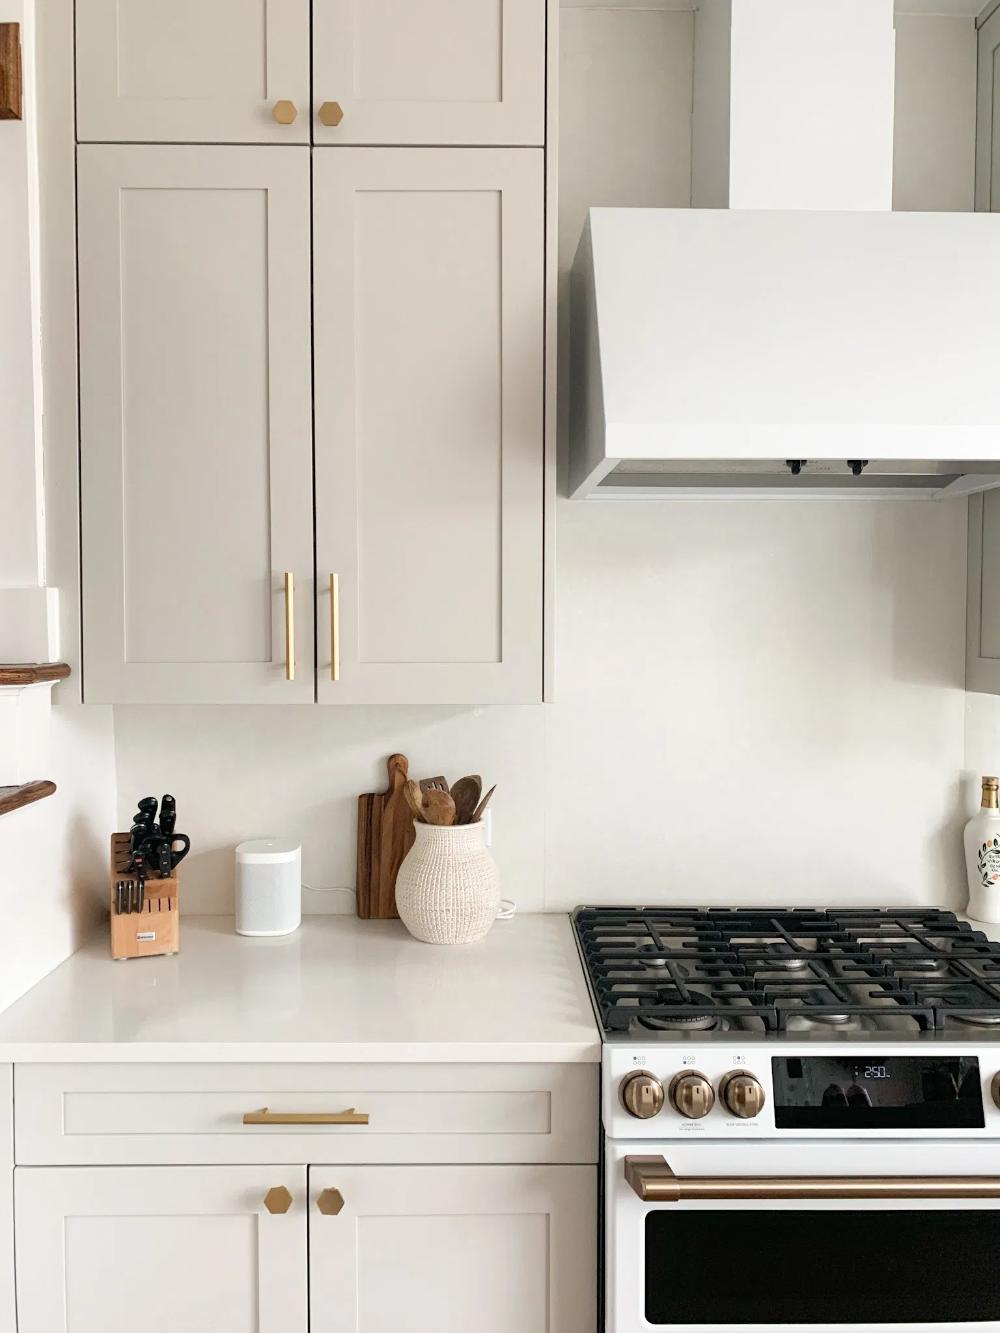 jen naye-greige cabinets kitchen remodel